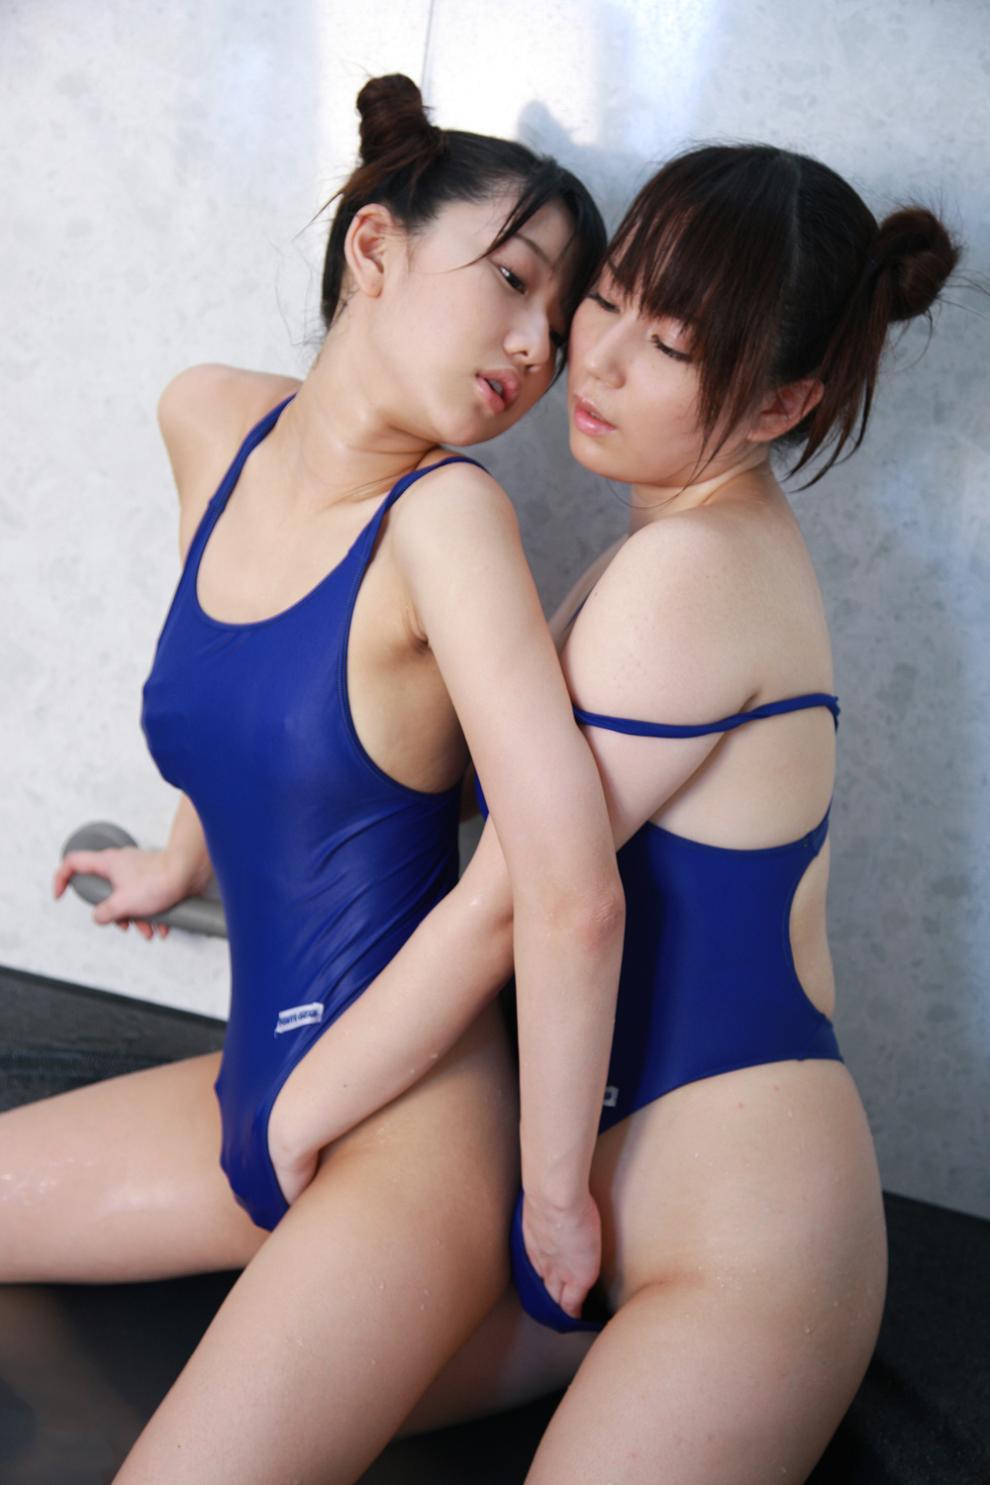 【レズビアンエロ画像】女の子が可愛いほど卑猥度と生々しさが半端ないレズプレイwww 17